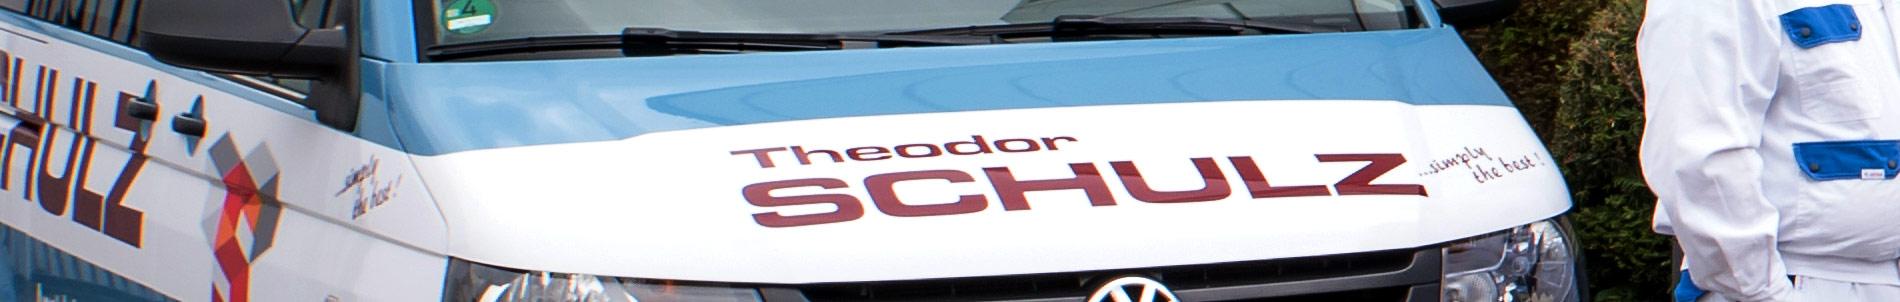 Theodor Schulz - Glas Anstrich Maler Flachdach - Münster - Datenschutz